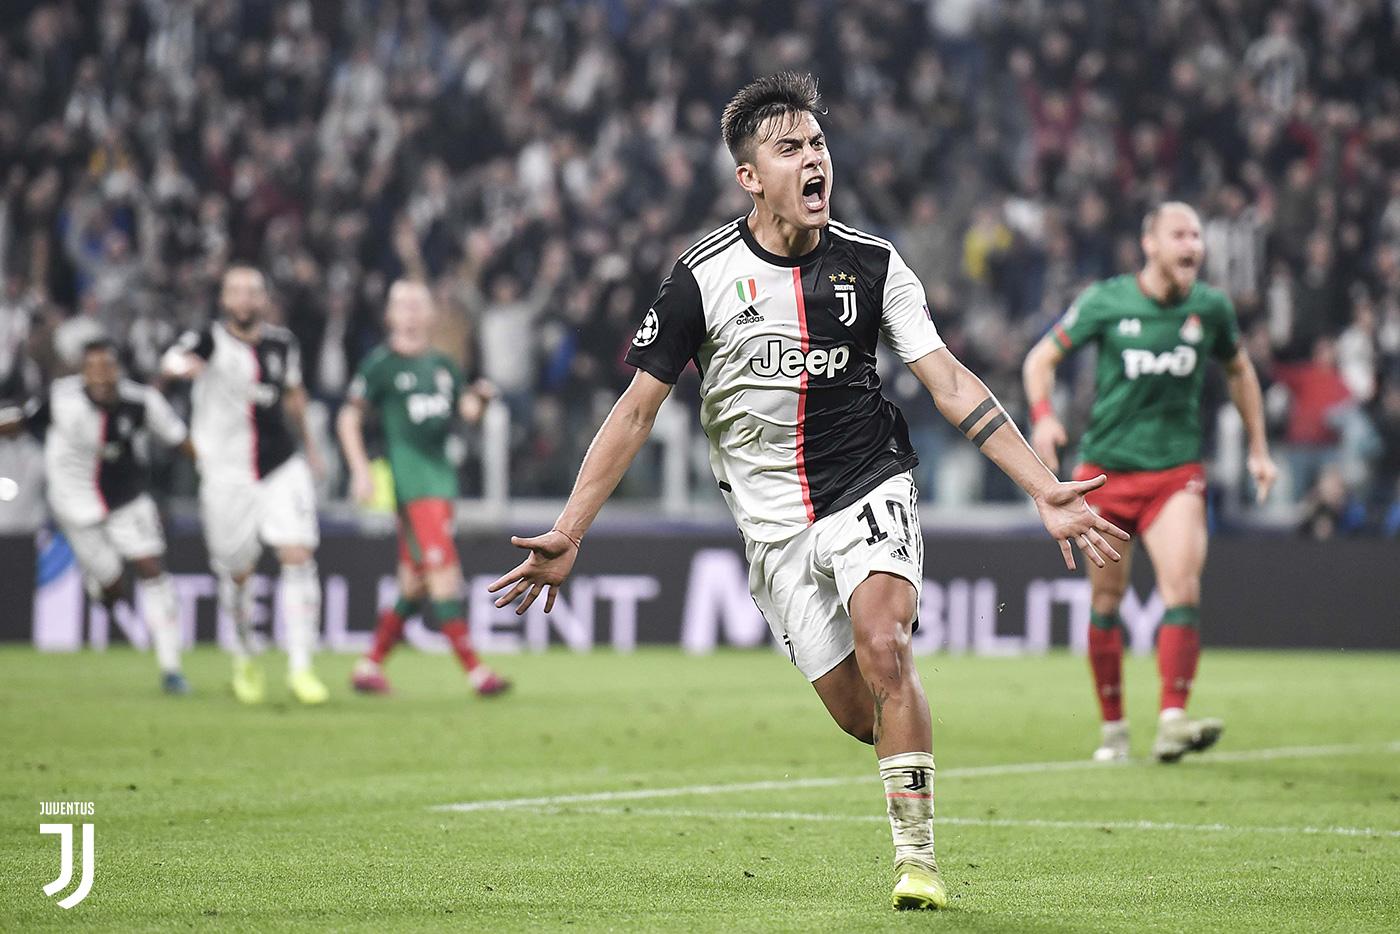 Juventus-Lokomotiv Mosca 2-1, Dybala show